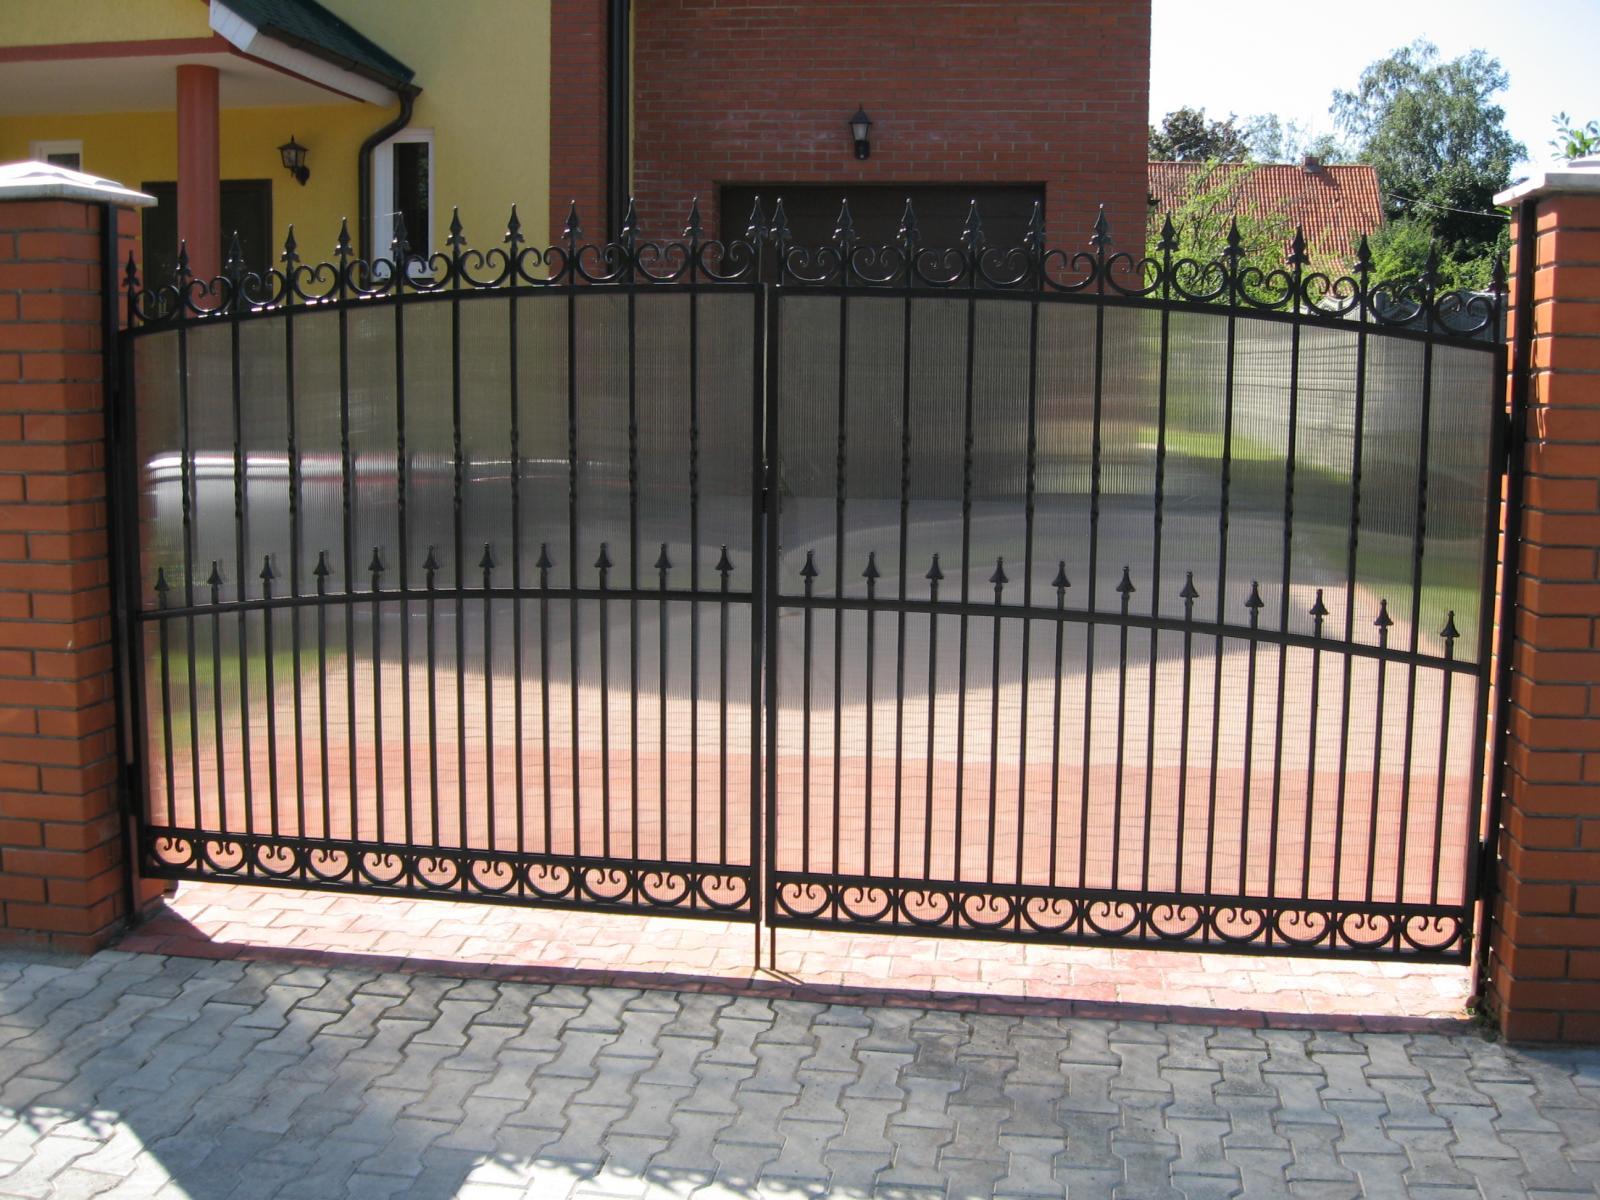 шестая забор кованый с поликарбонатом фото можно свежую